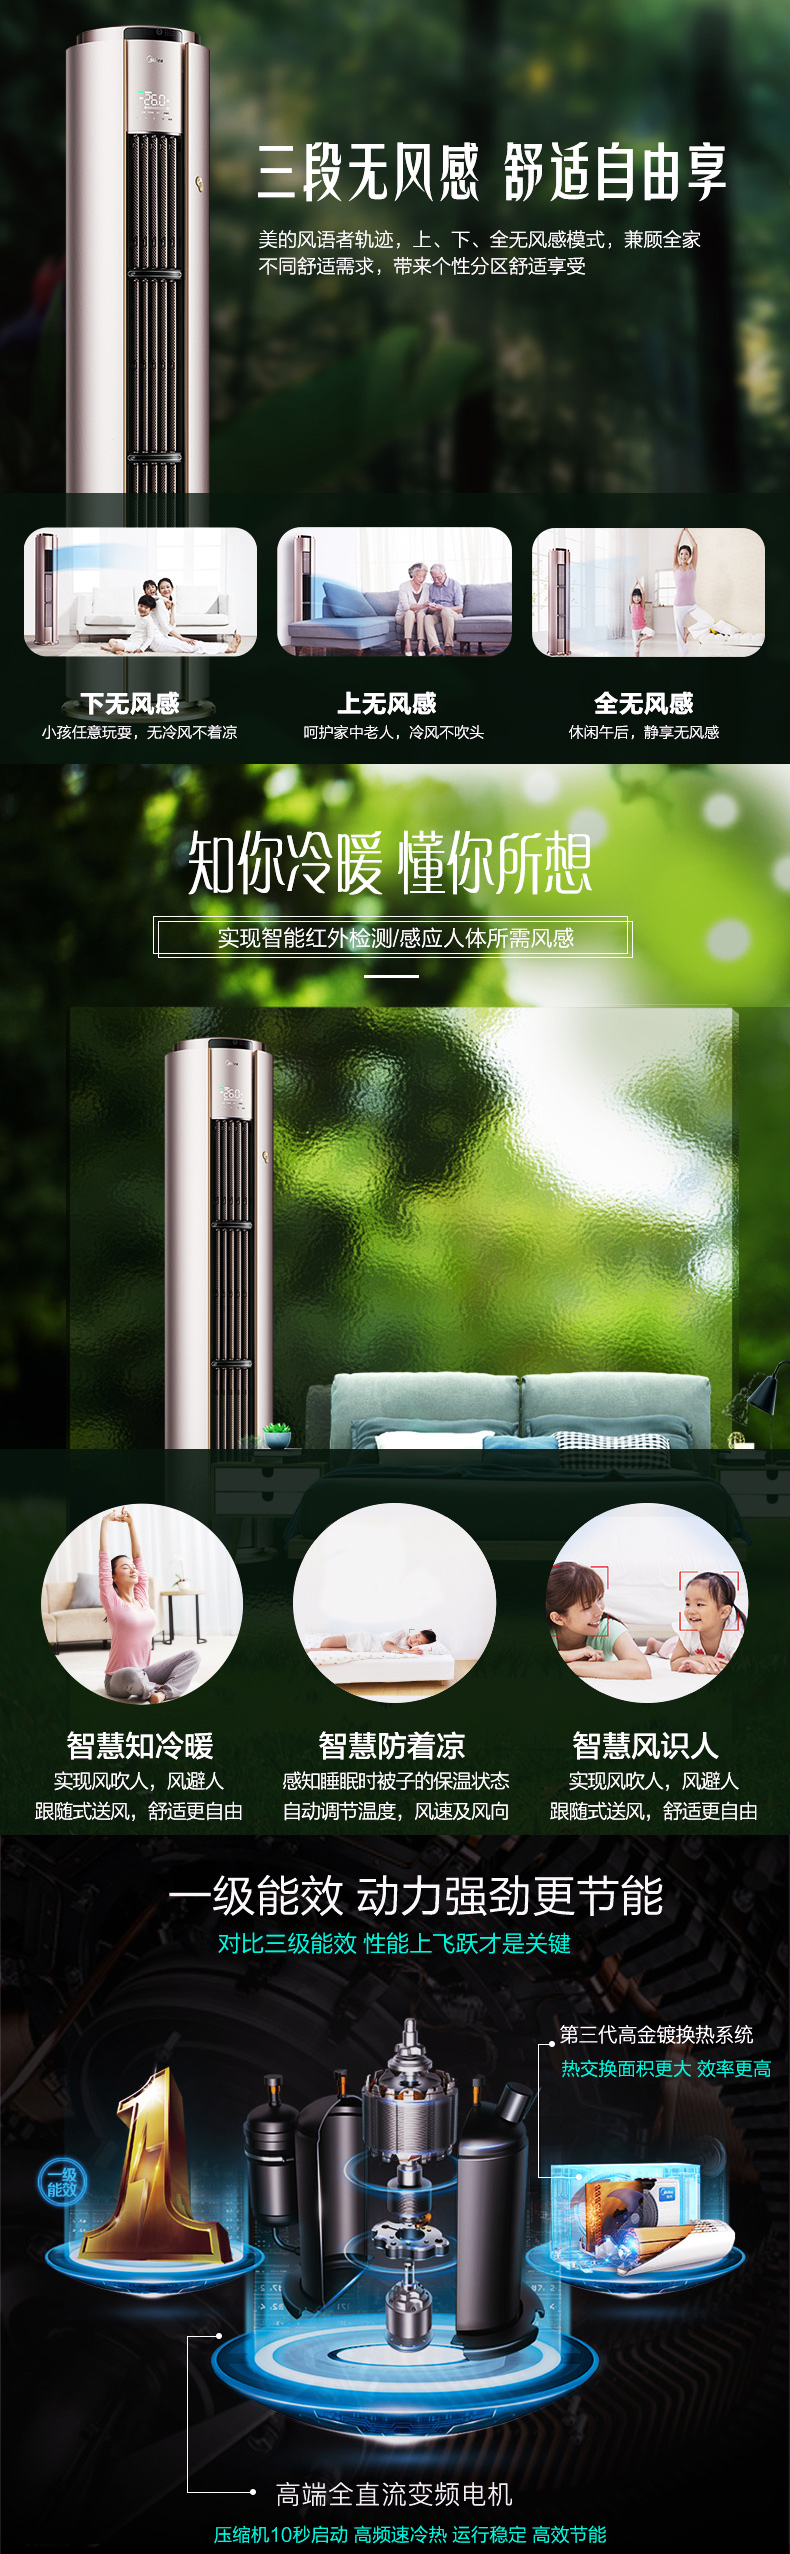 云南美的柜机空调多少钱一台